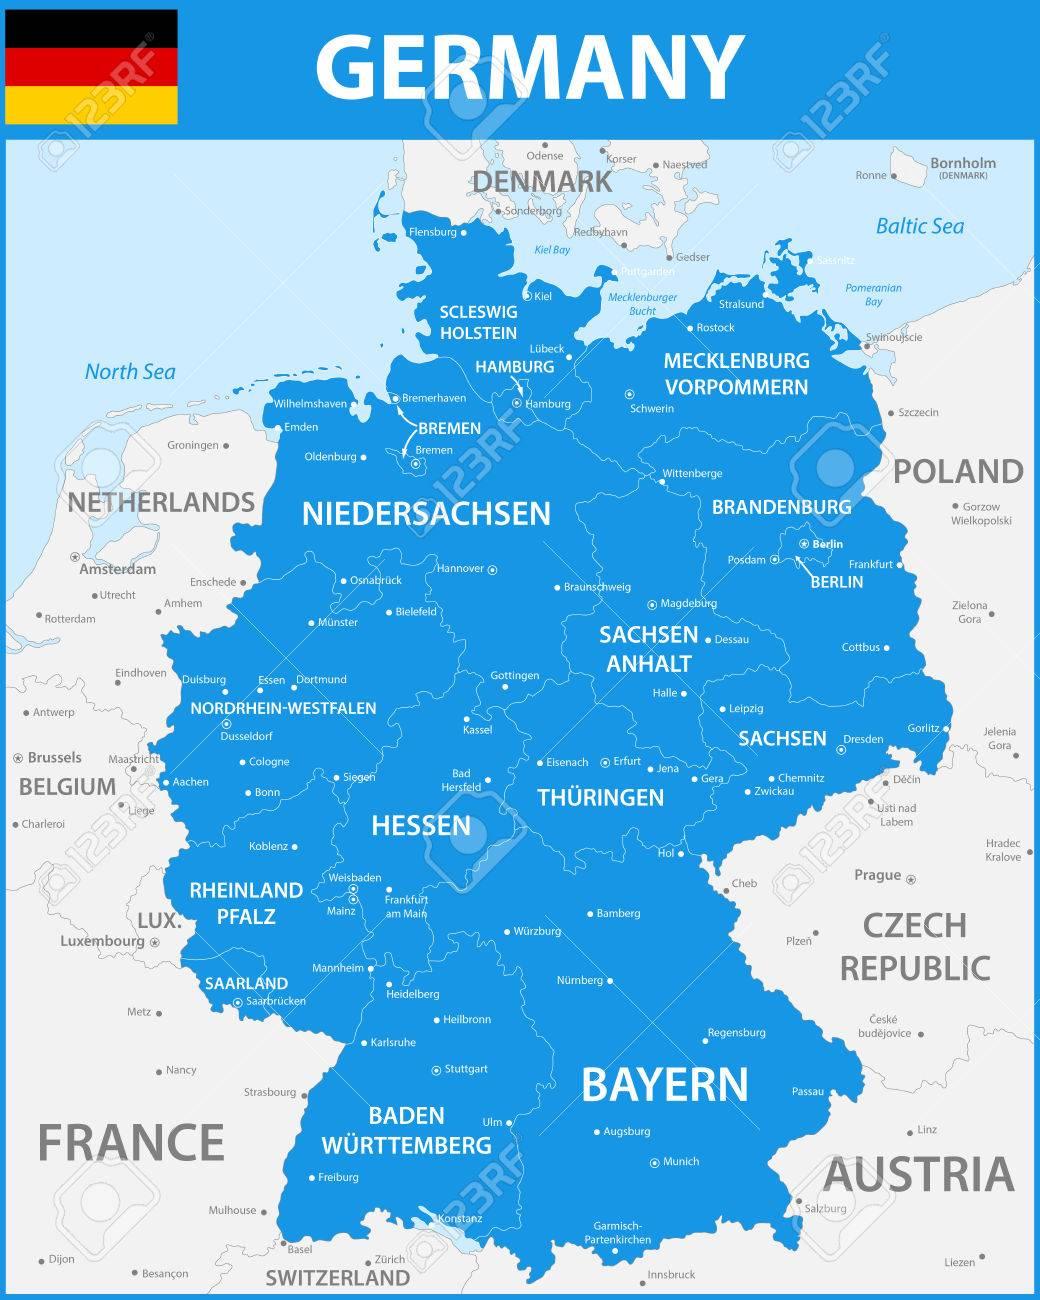 La Carte Detaillee De L Allemagne Avec Les Regions Ou Les Etats Et Les Villes Les Capitales Clip Art Libres De Droits Vecteurs Et Illustration Image 84214724